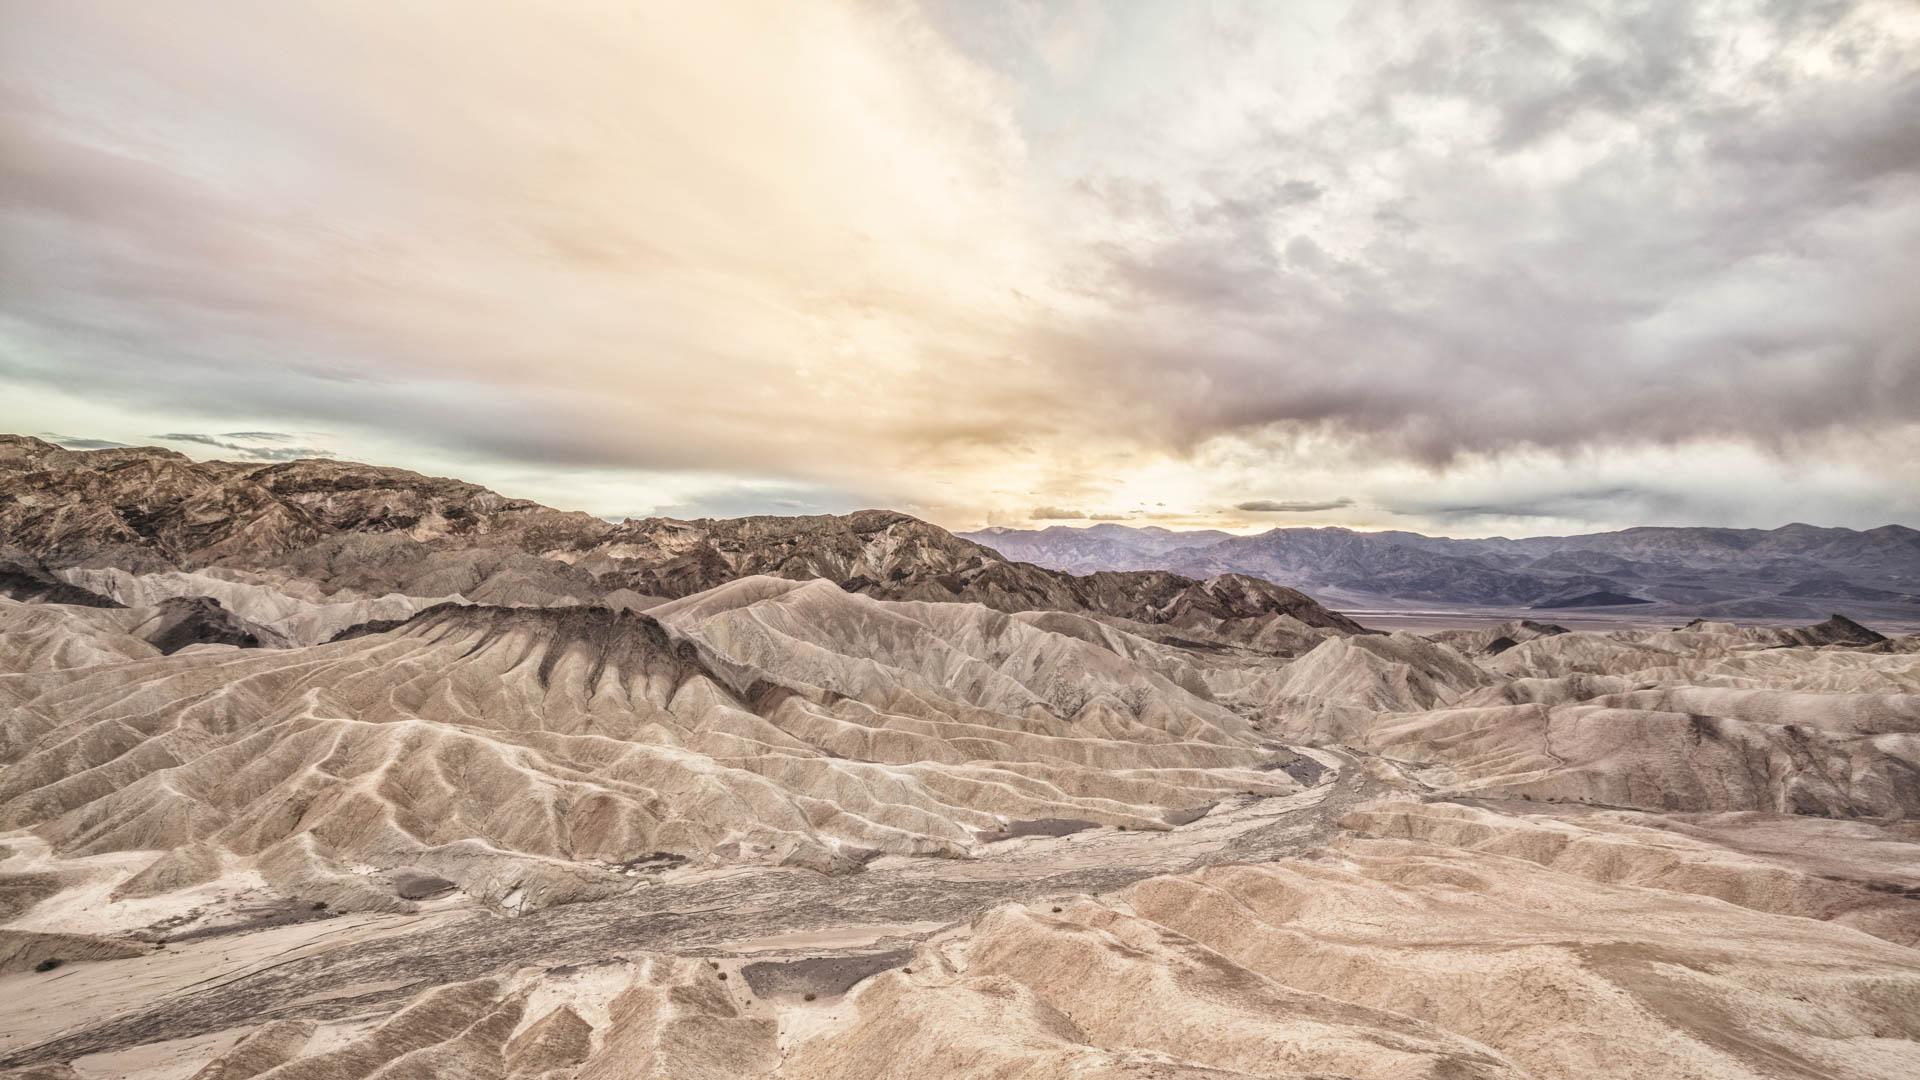 LDKphoto - Death Valley - 17.jpg